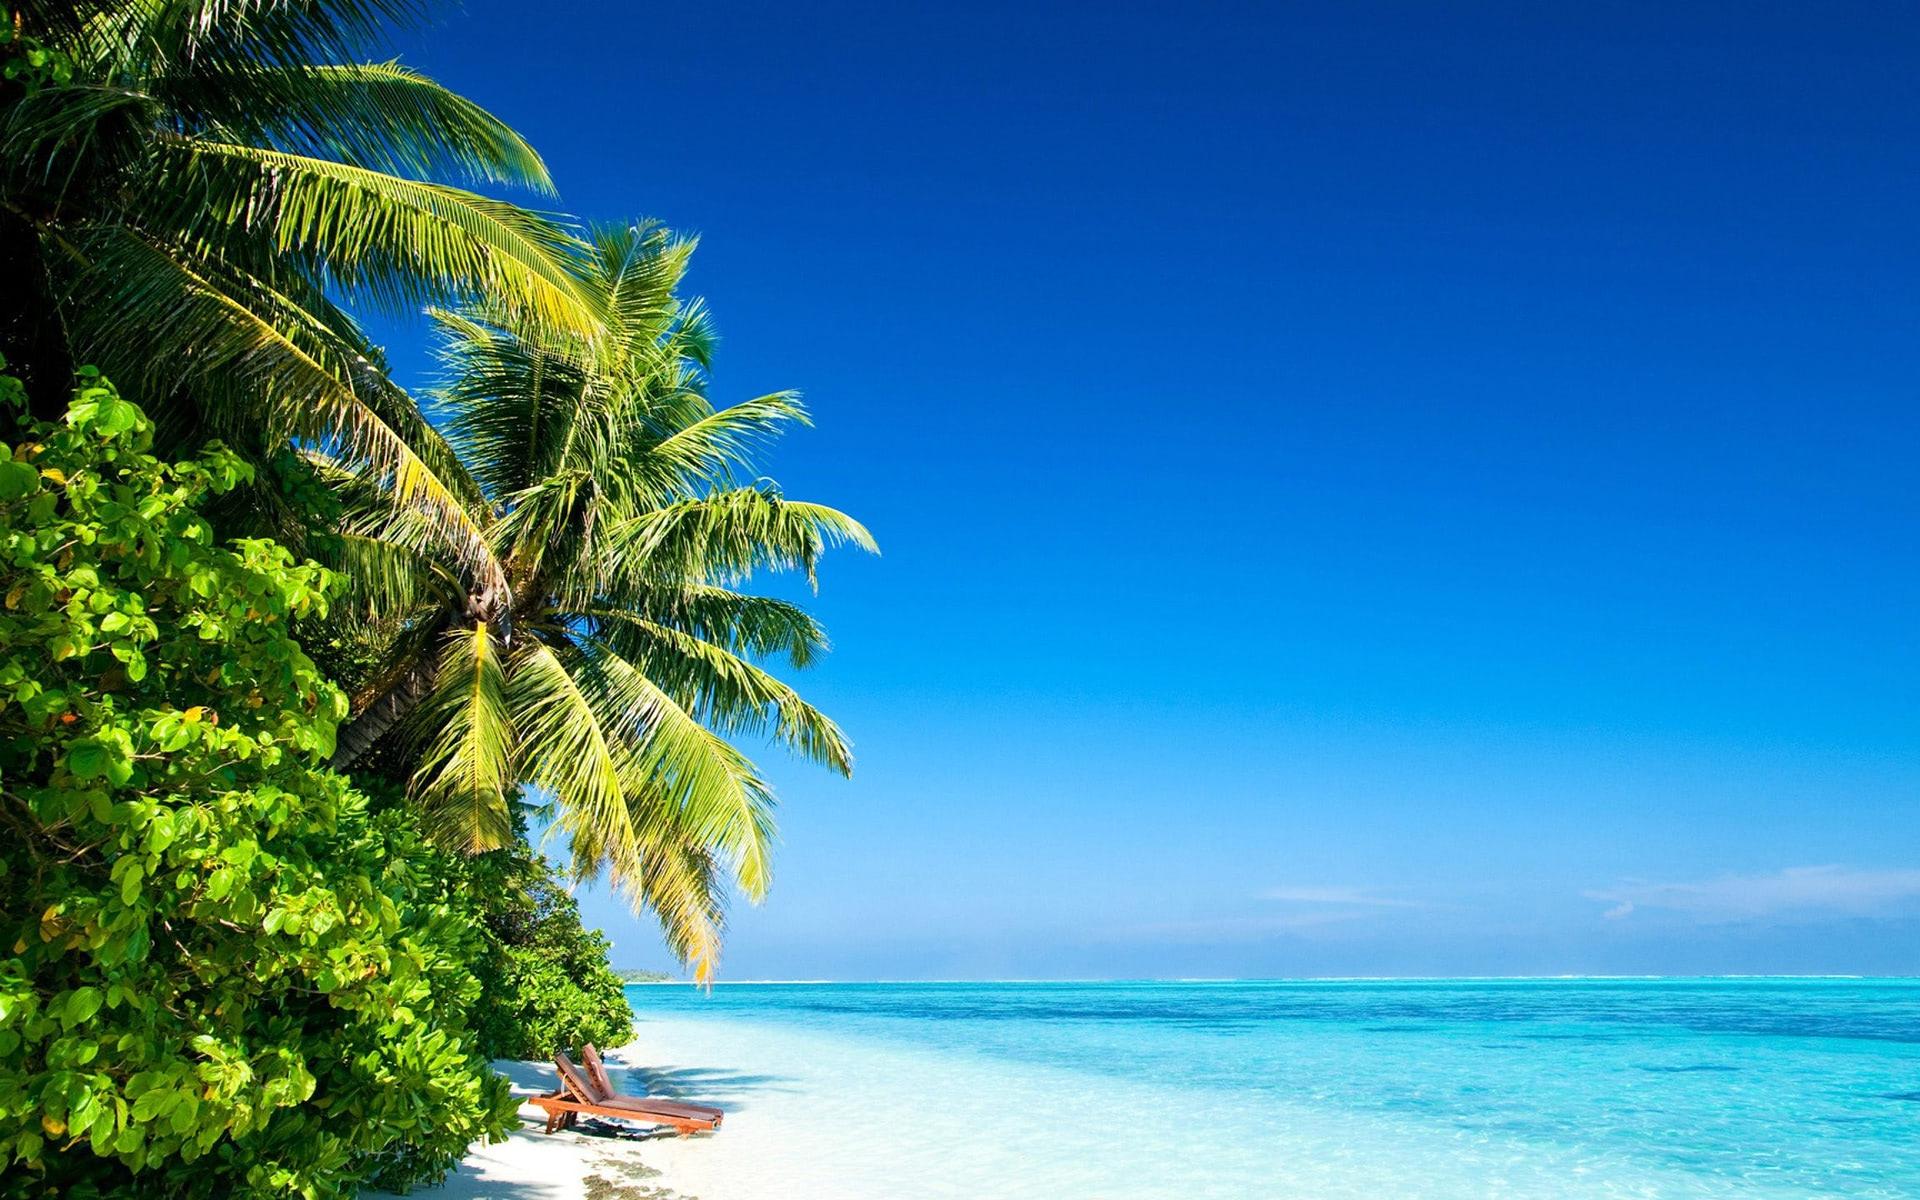 tropical ocean wallpaper